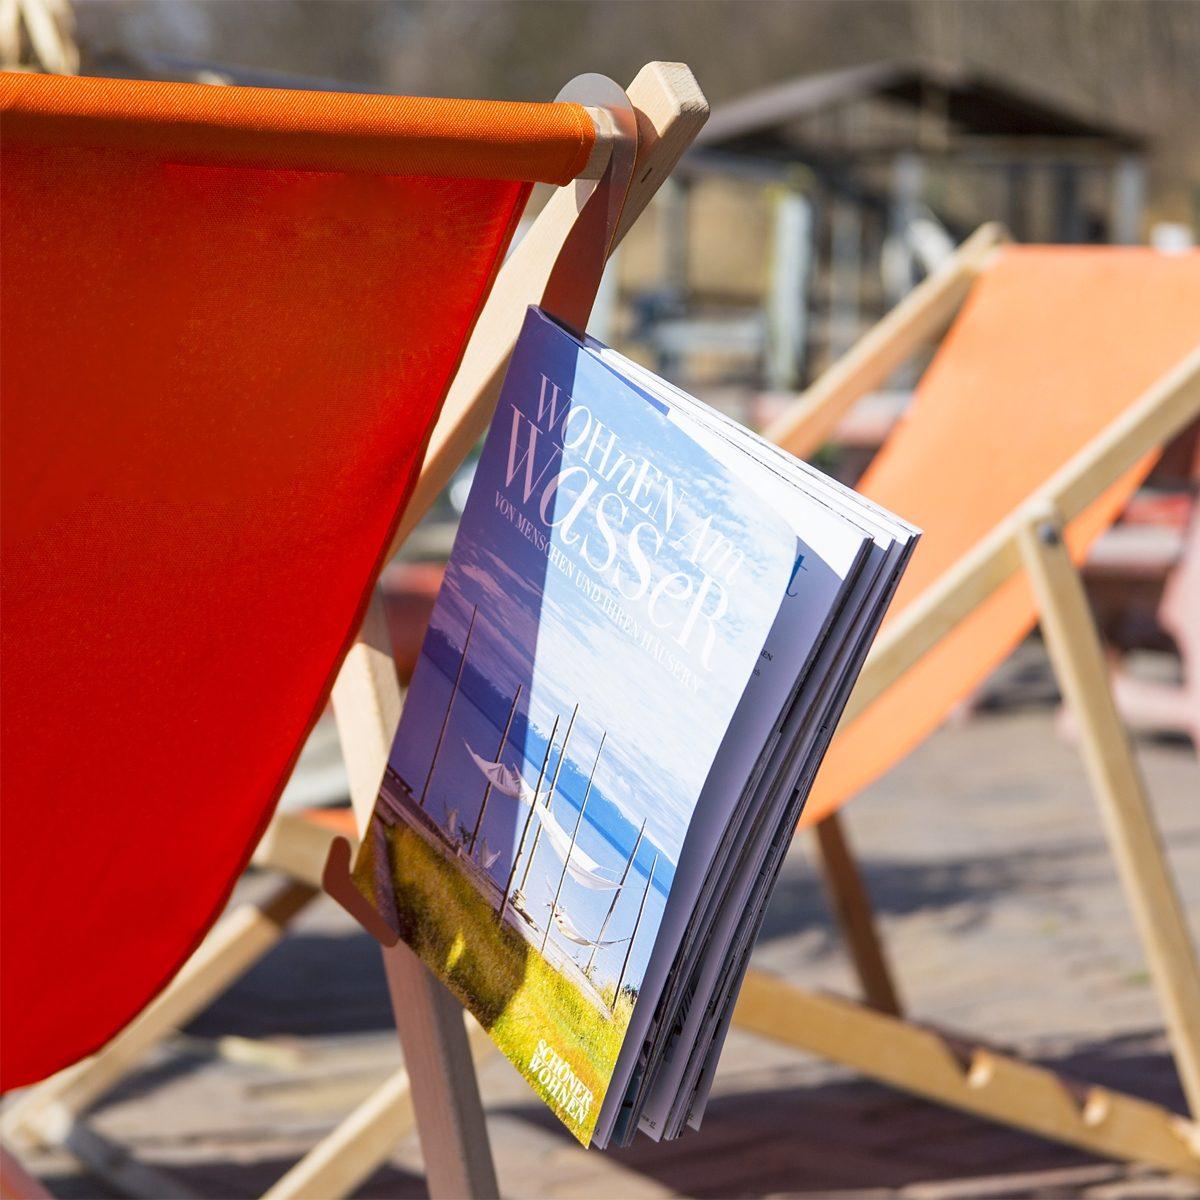 Stahlglanz Stahlglanz Zeitschriftenhaken Edelstahl matt